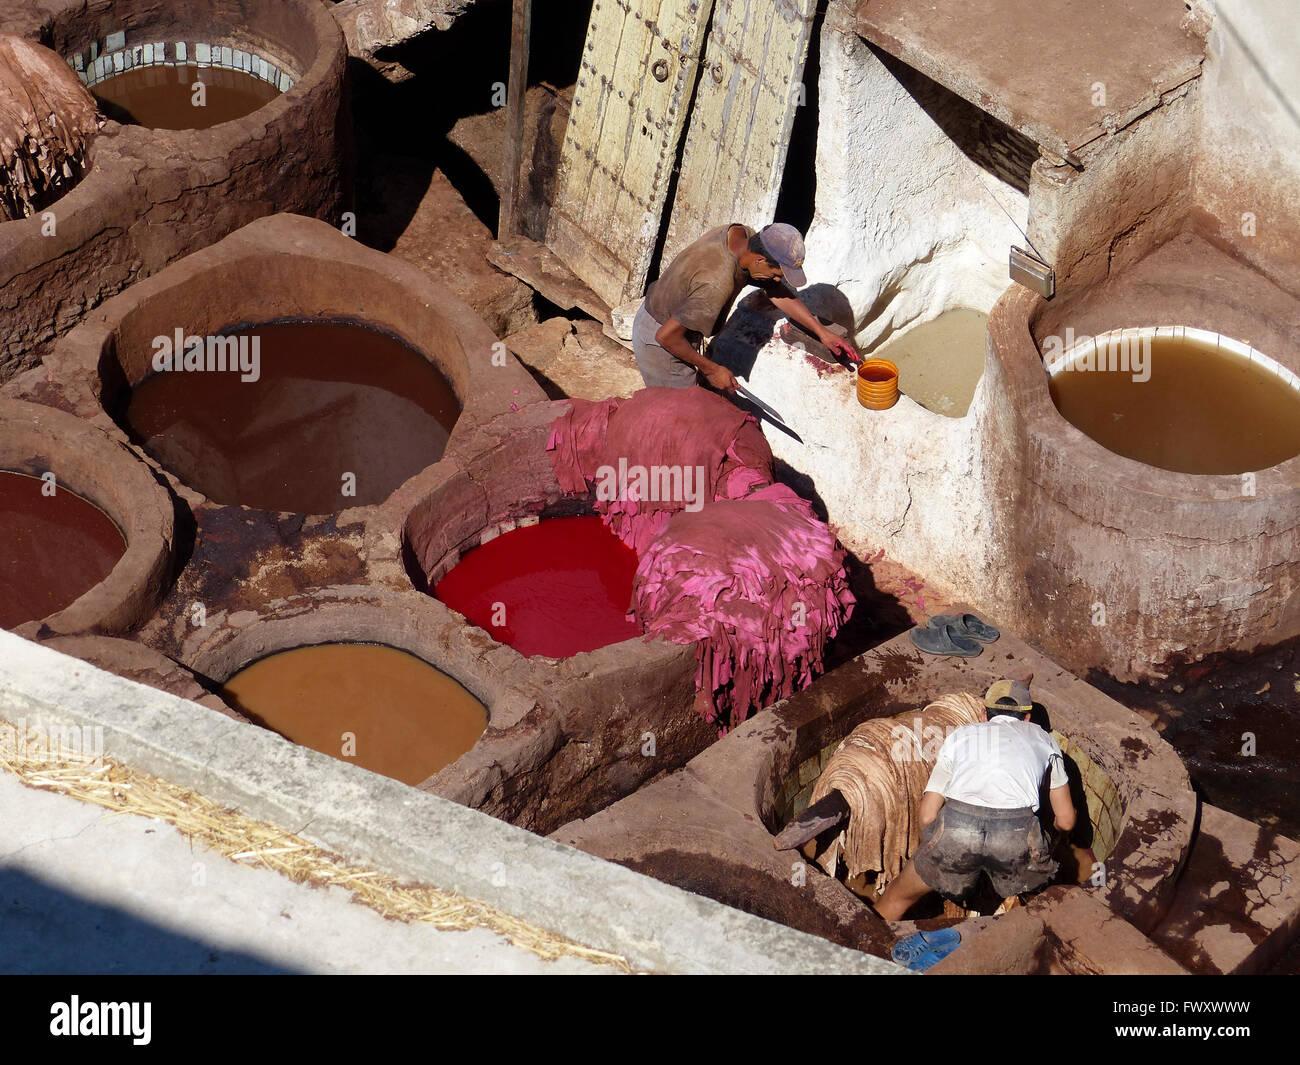 Maroc, Fès, industrie du cuir d'une tannerie Photo Stock